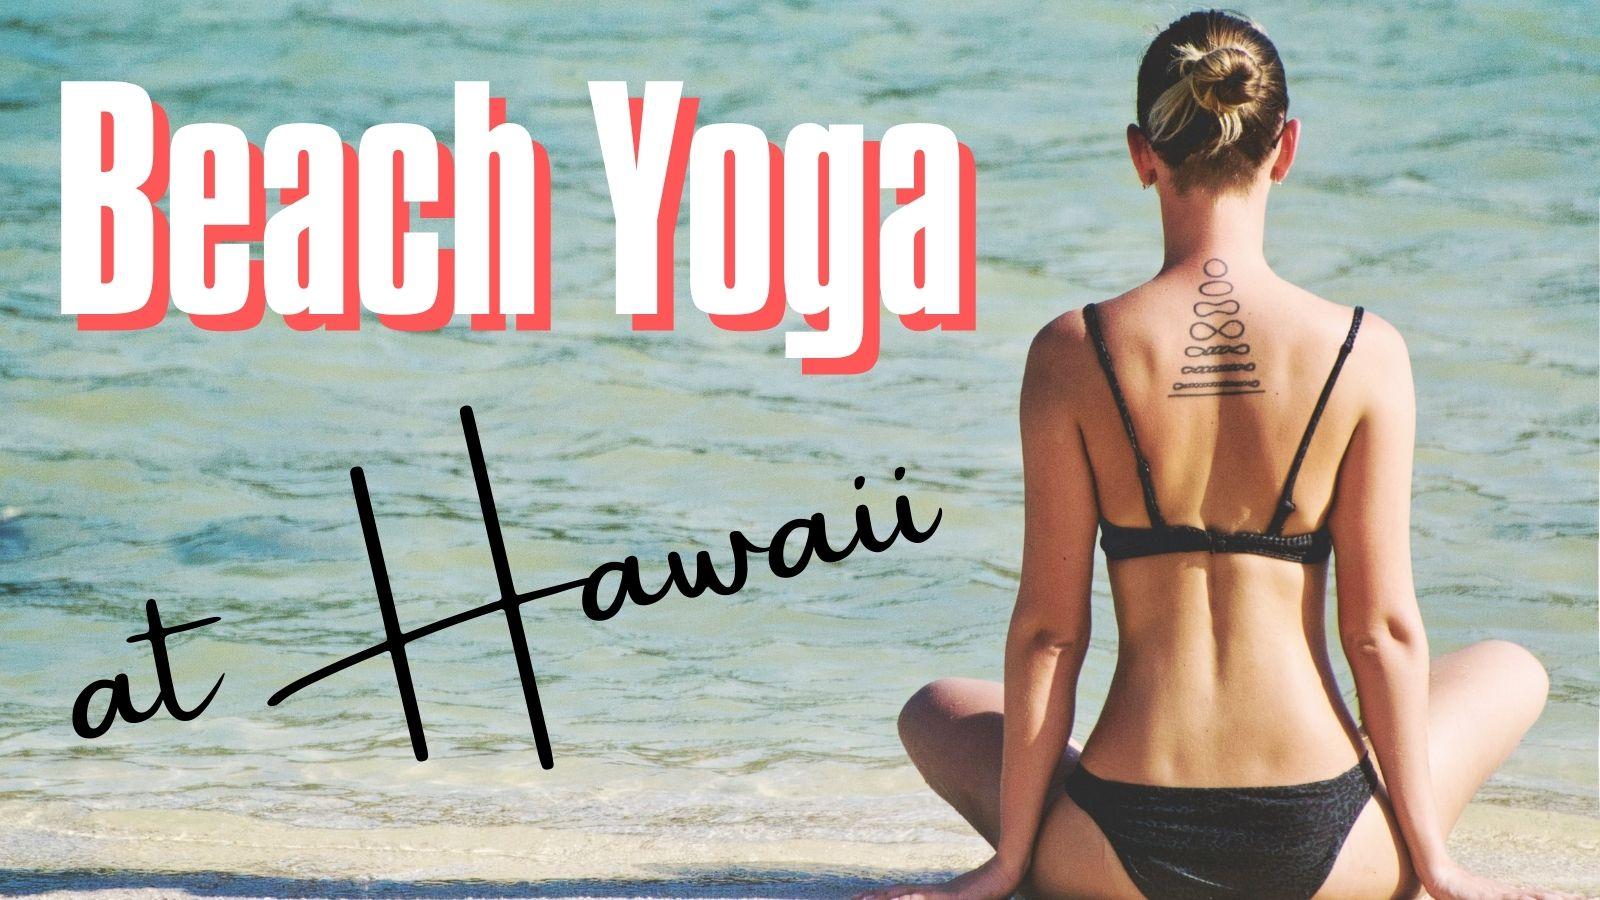 ハワイで朝ヨガを体験!ビーチヨガ4選とホテルヨガ6選【これぞハワイの醍醐味】